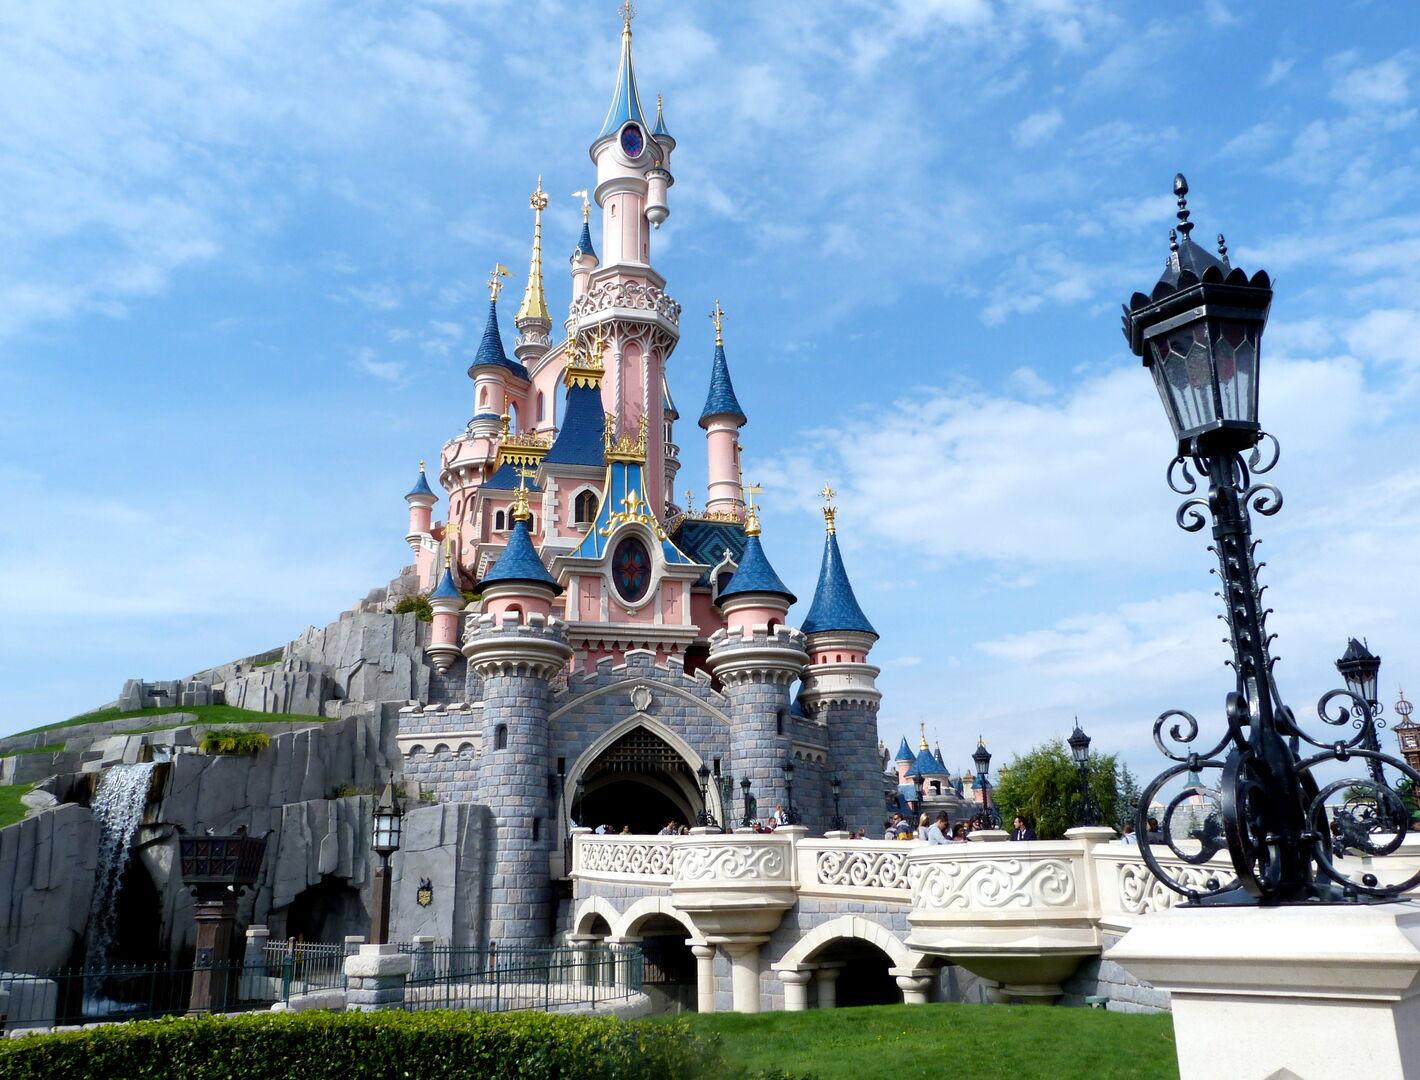 Actualidad: Disney cerró su parque en Shanghai por el brote de coronavirus